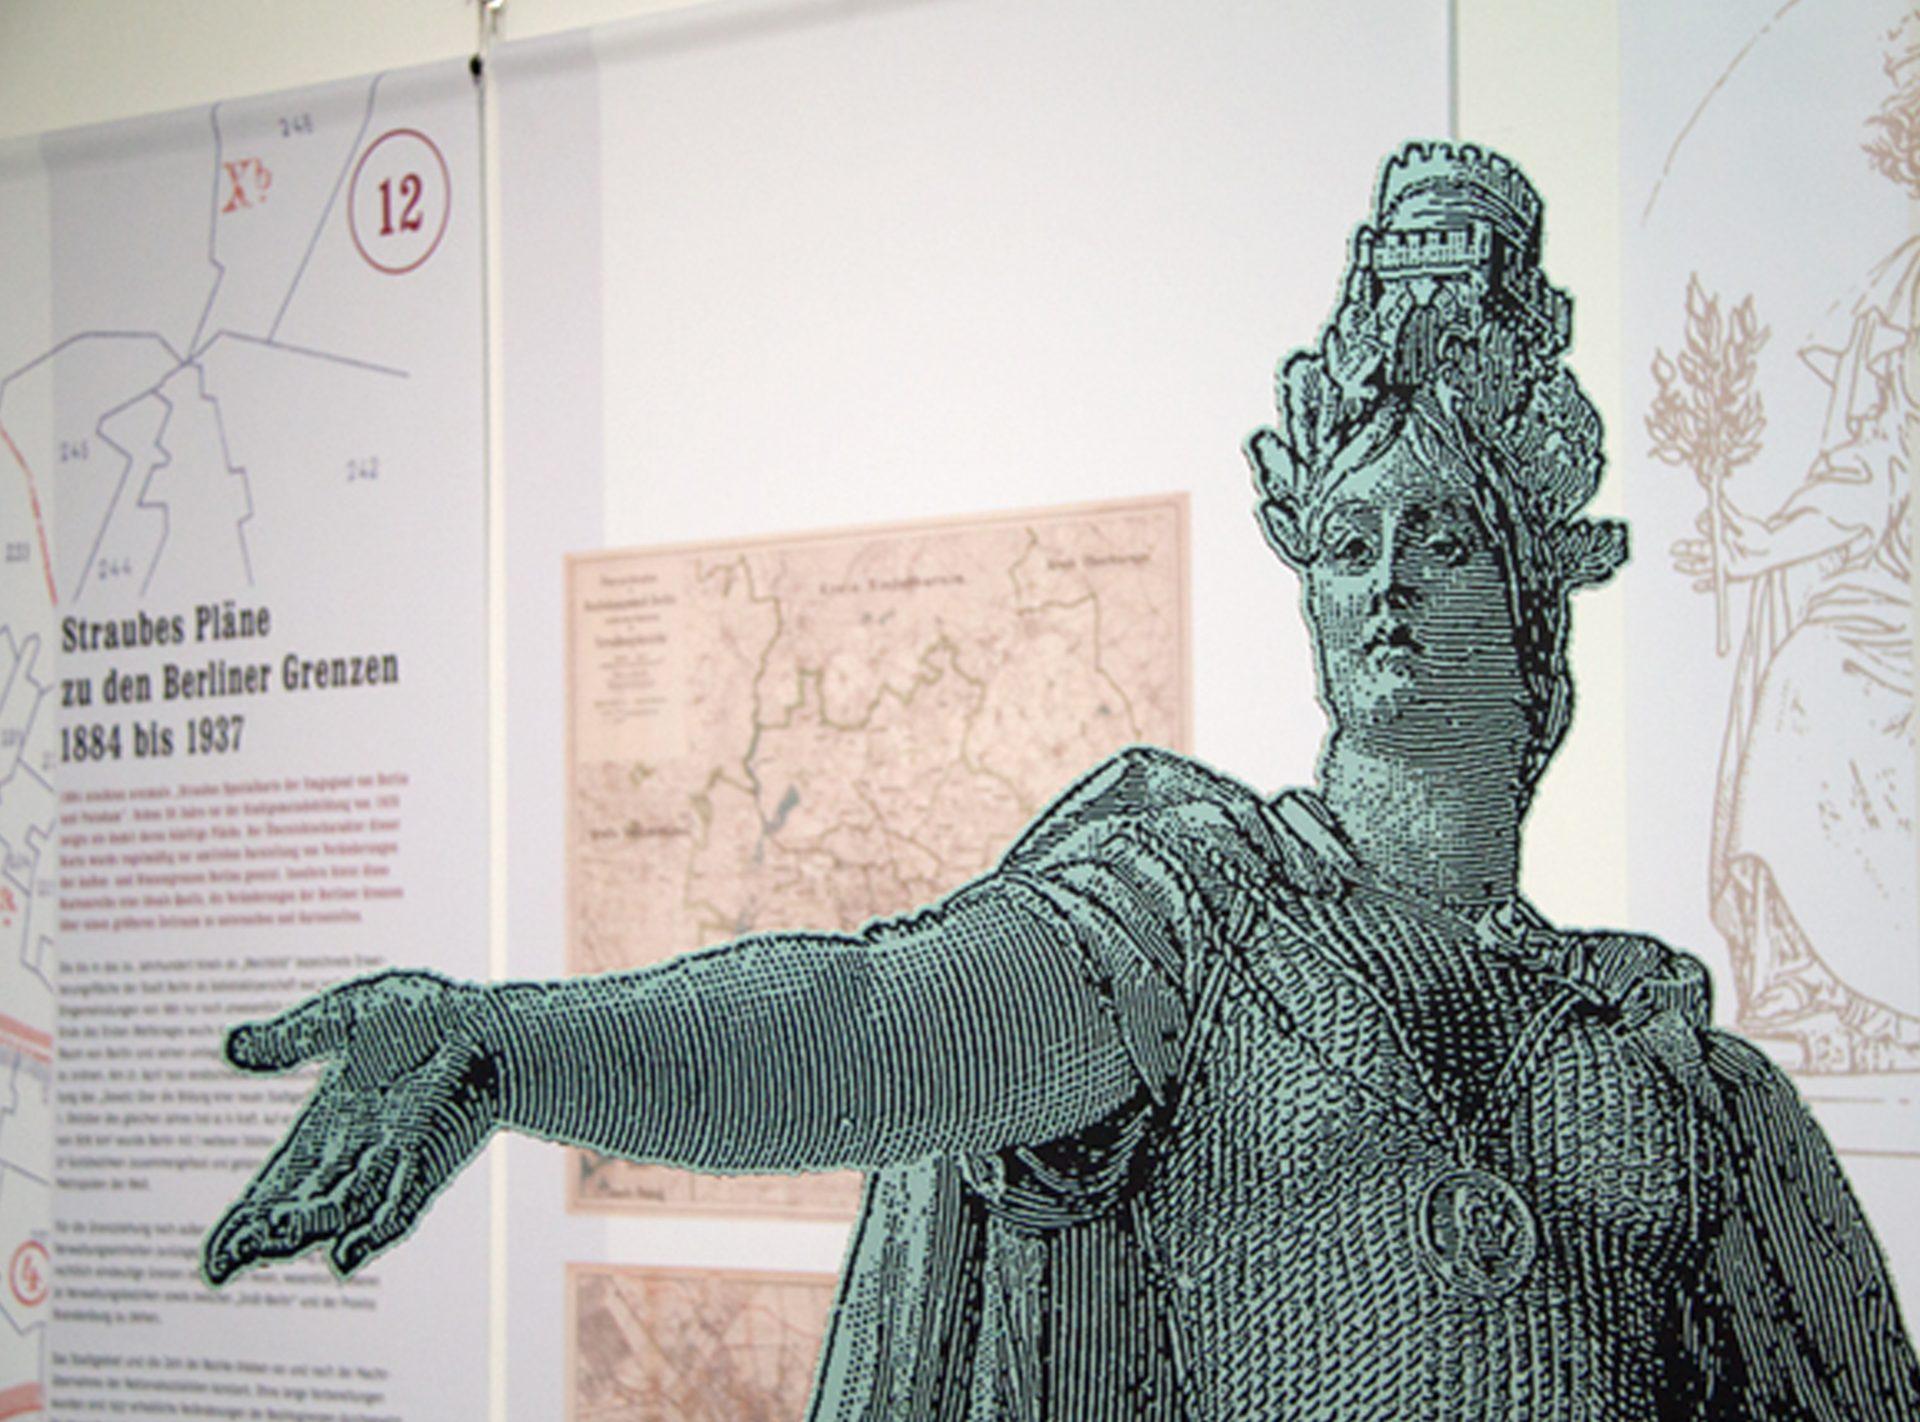 Berolina-Aufsteller im Engang der Ausstellung